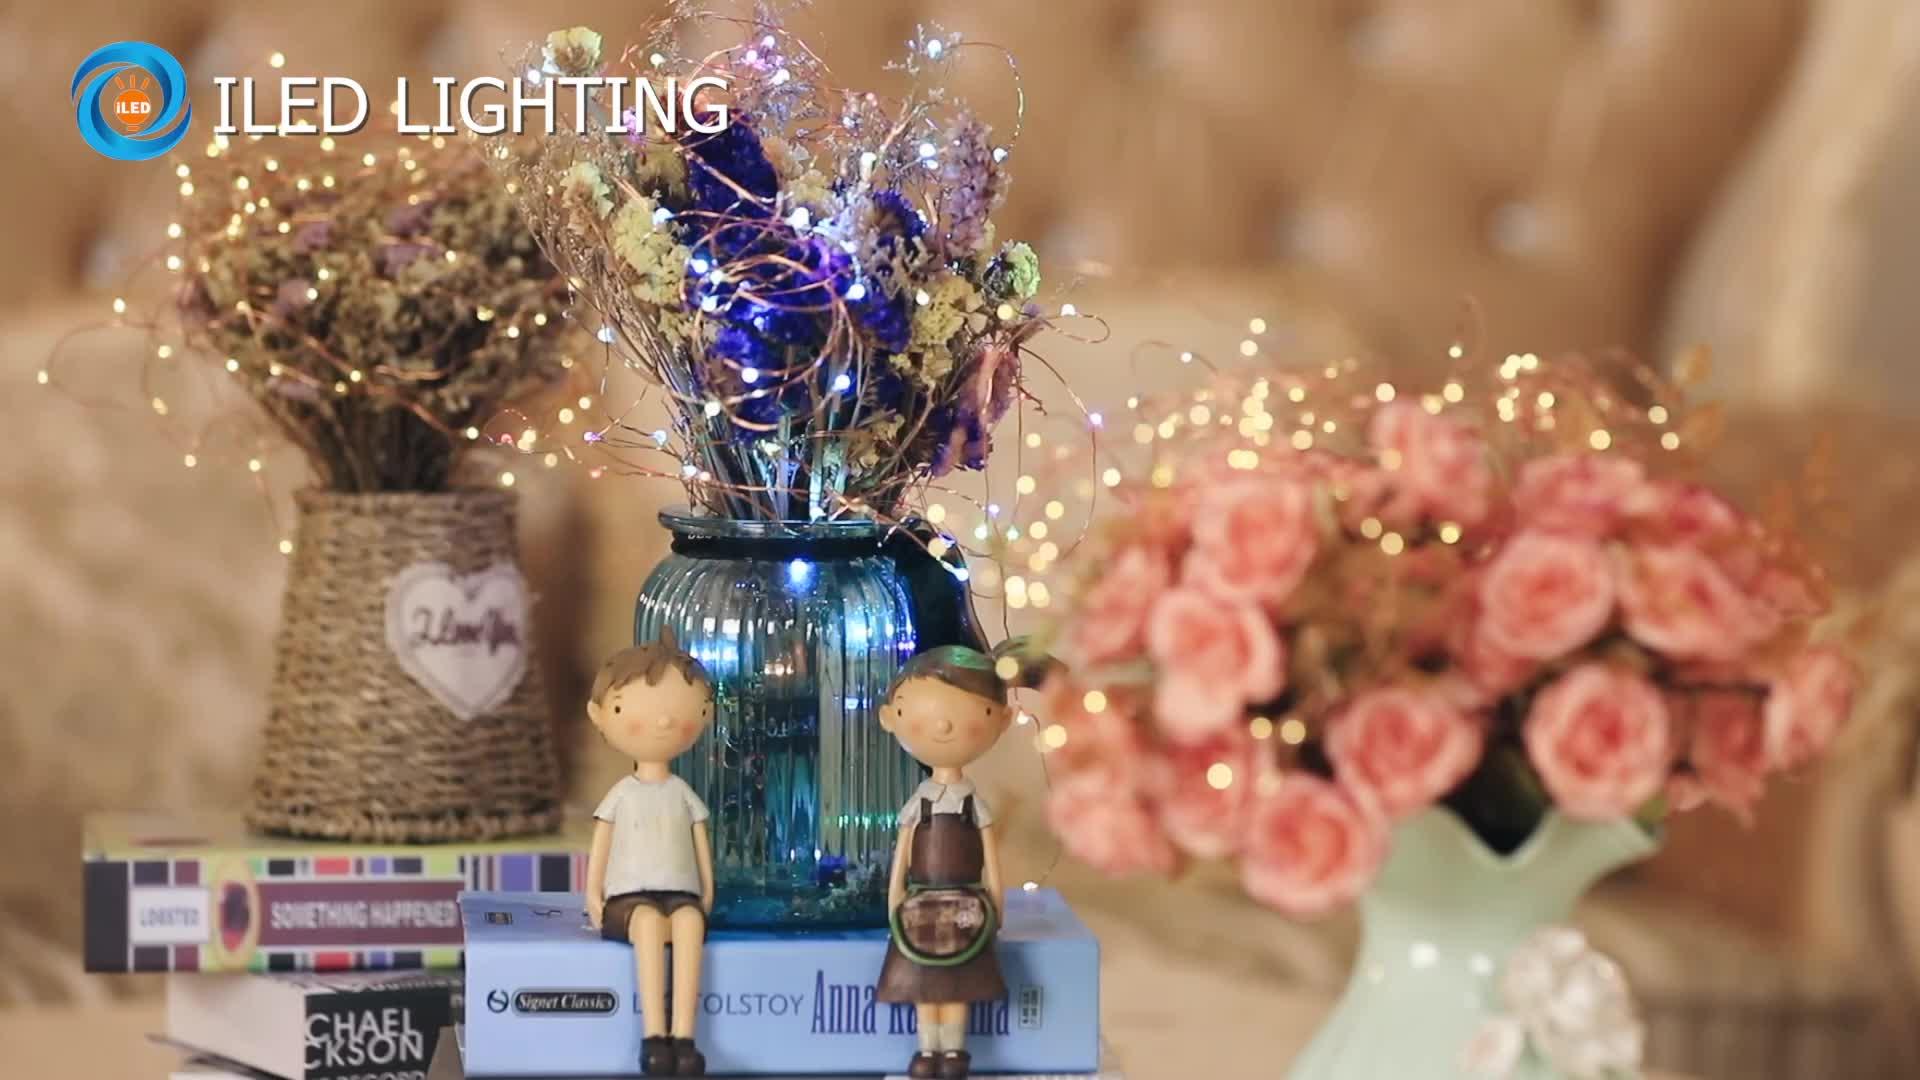 लोकप्रिय त्योहार सजावट के लिए एलईडी रोशनी डीसी प्लग निविड़ अंधकार तांबे के तार स्ट्रिंग रोशनी हेलोवीन क्रिसमस नए साल